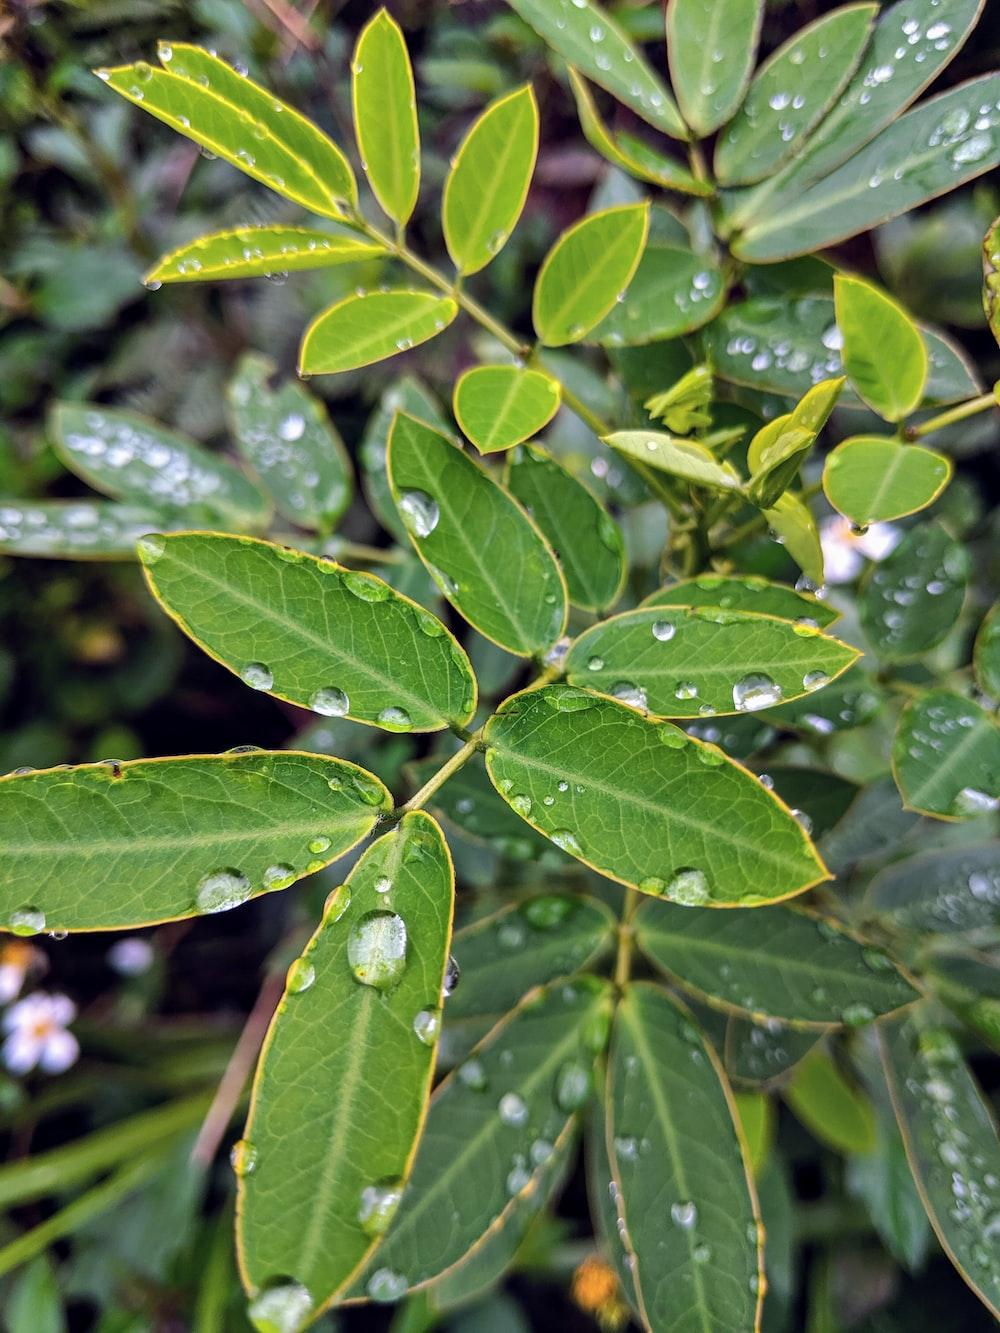 water dews on green leaf plant